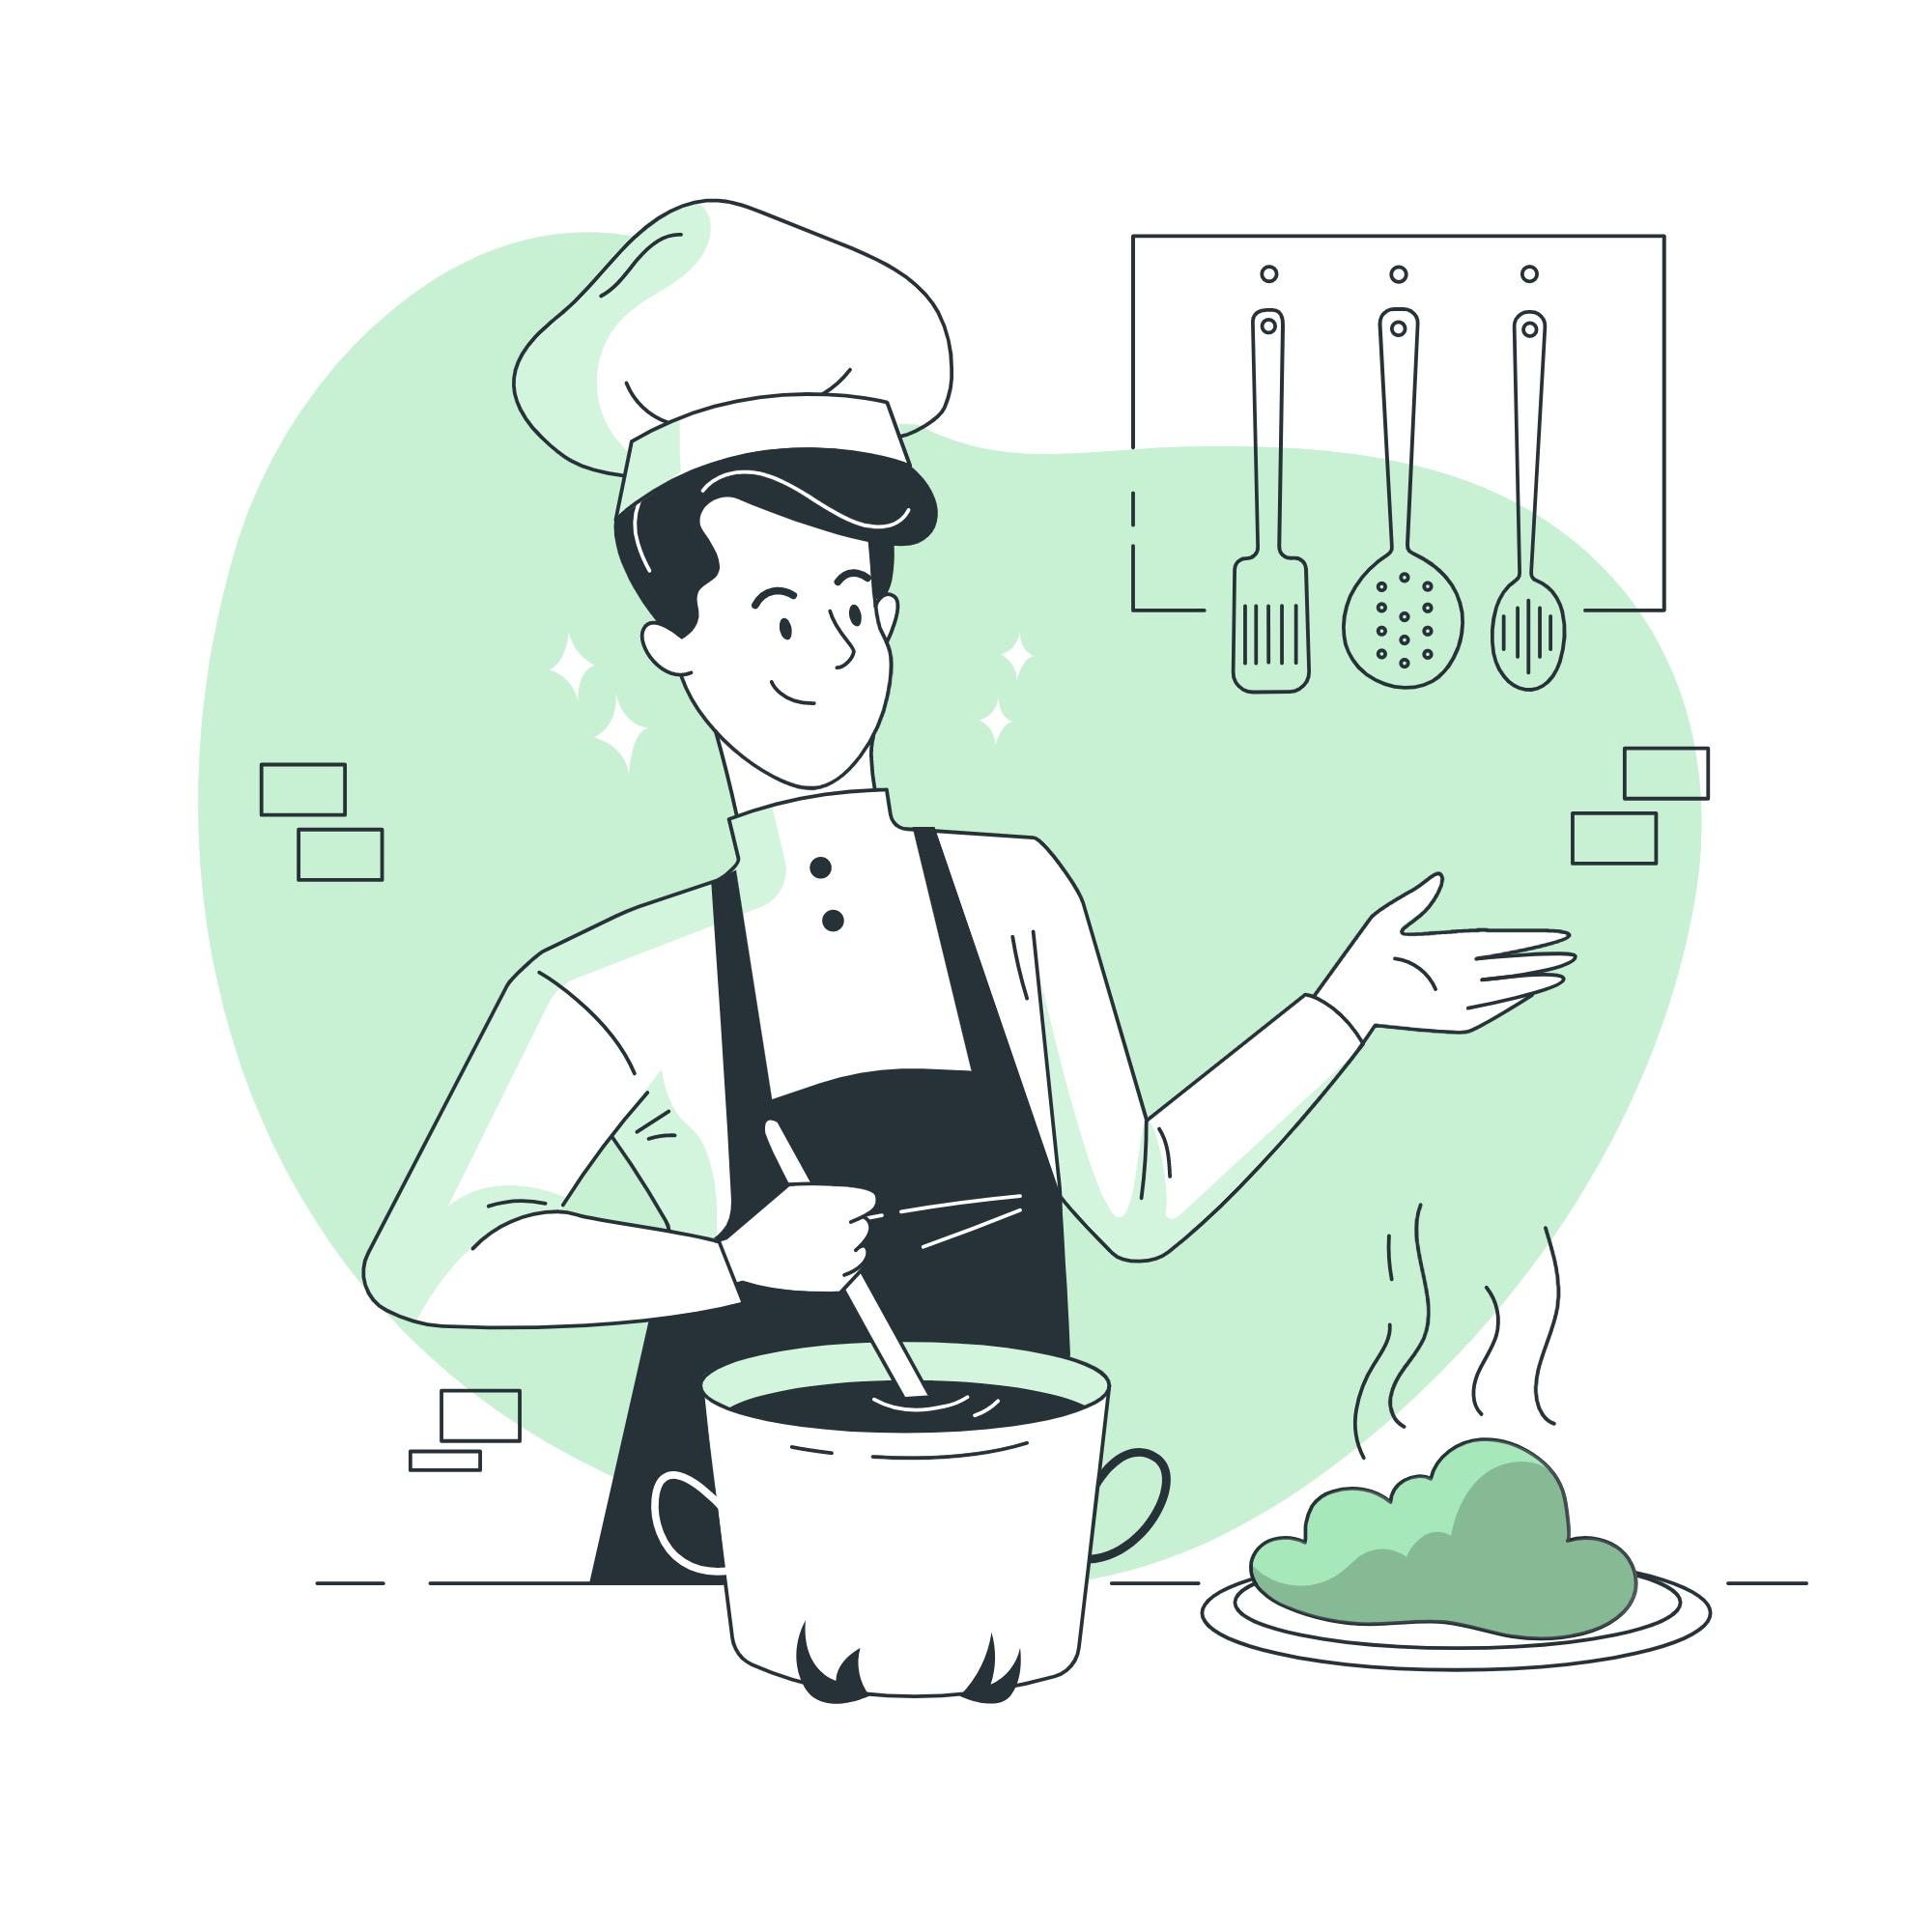 【コリバタカレー】を美味しく作る2つのコツ